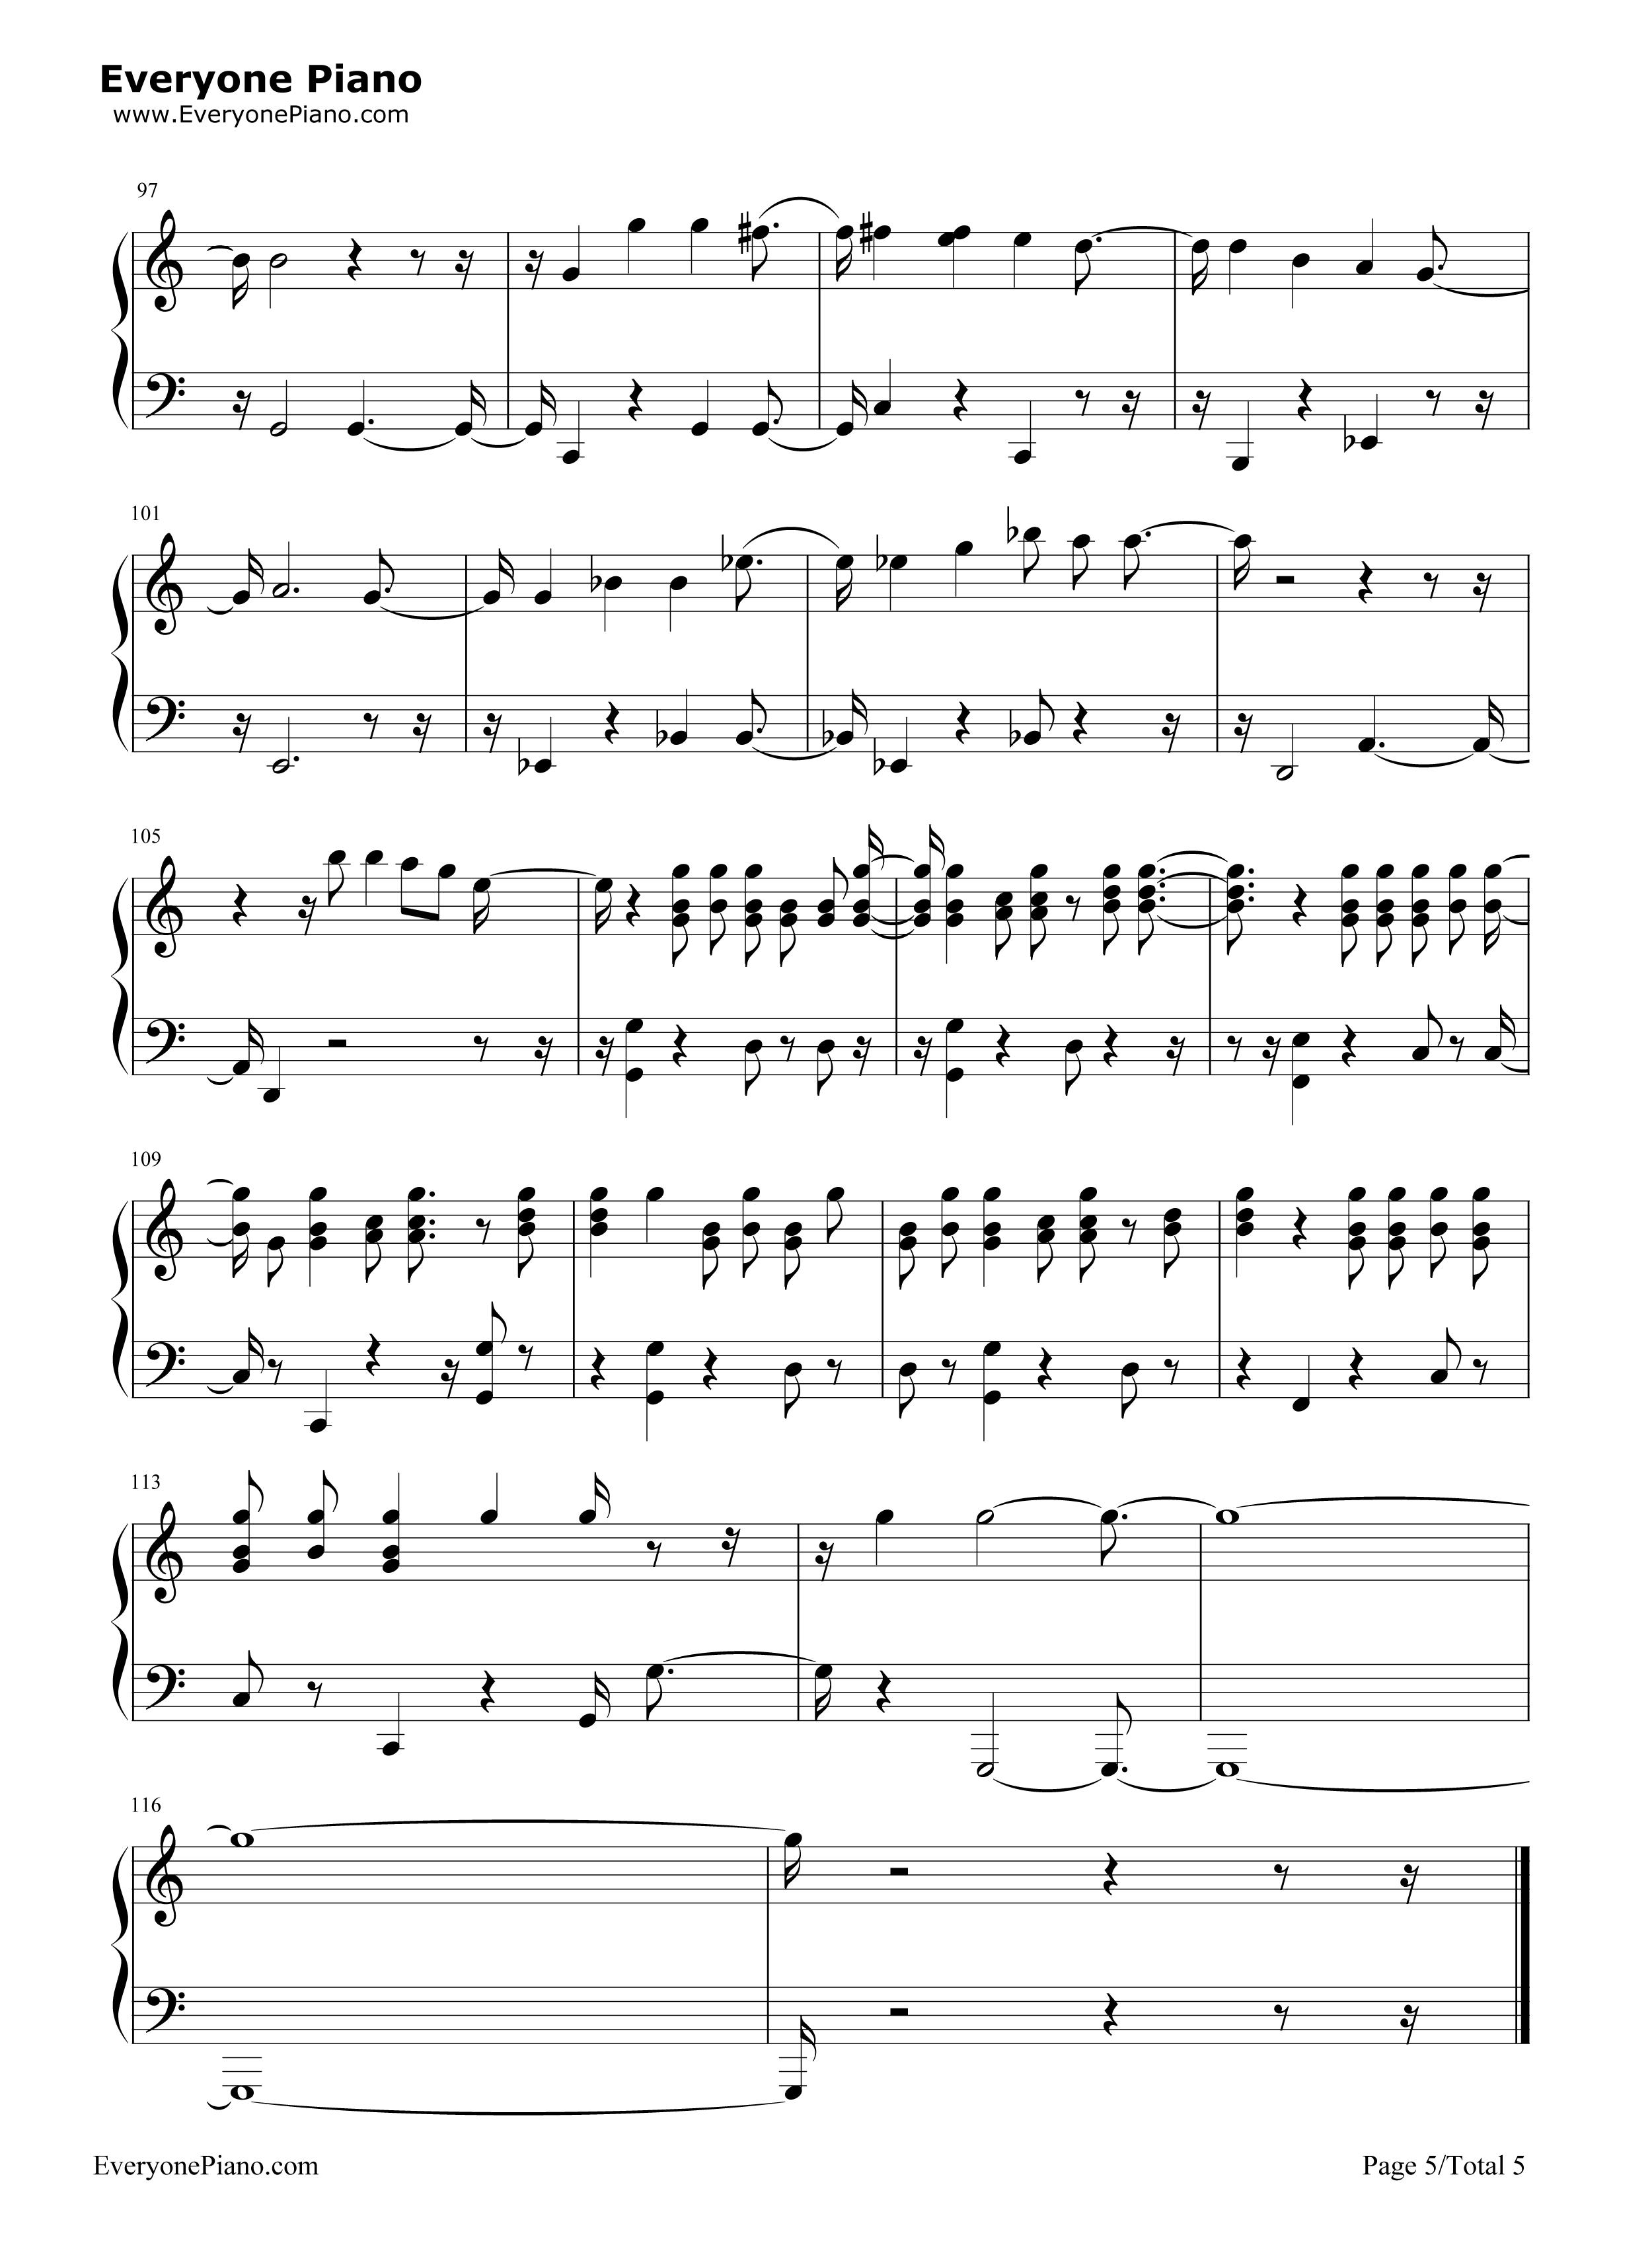 游记主题歌_remember me-寻梦环游记主题曲五线谱预览5